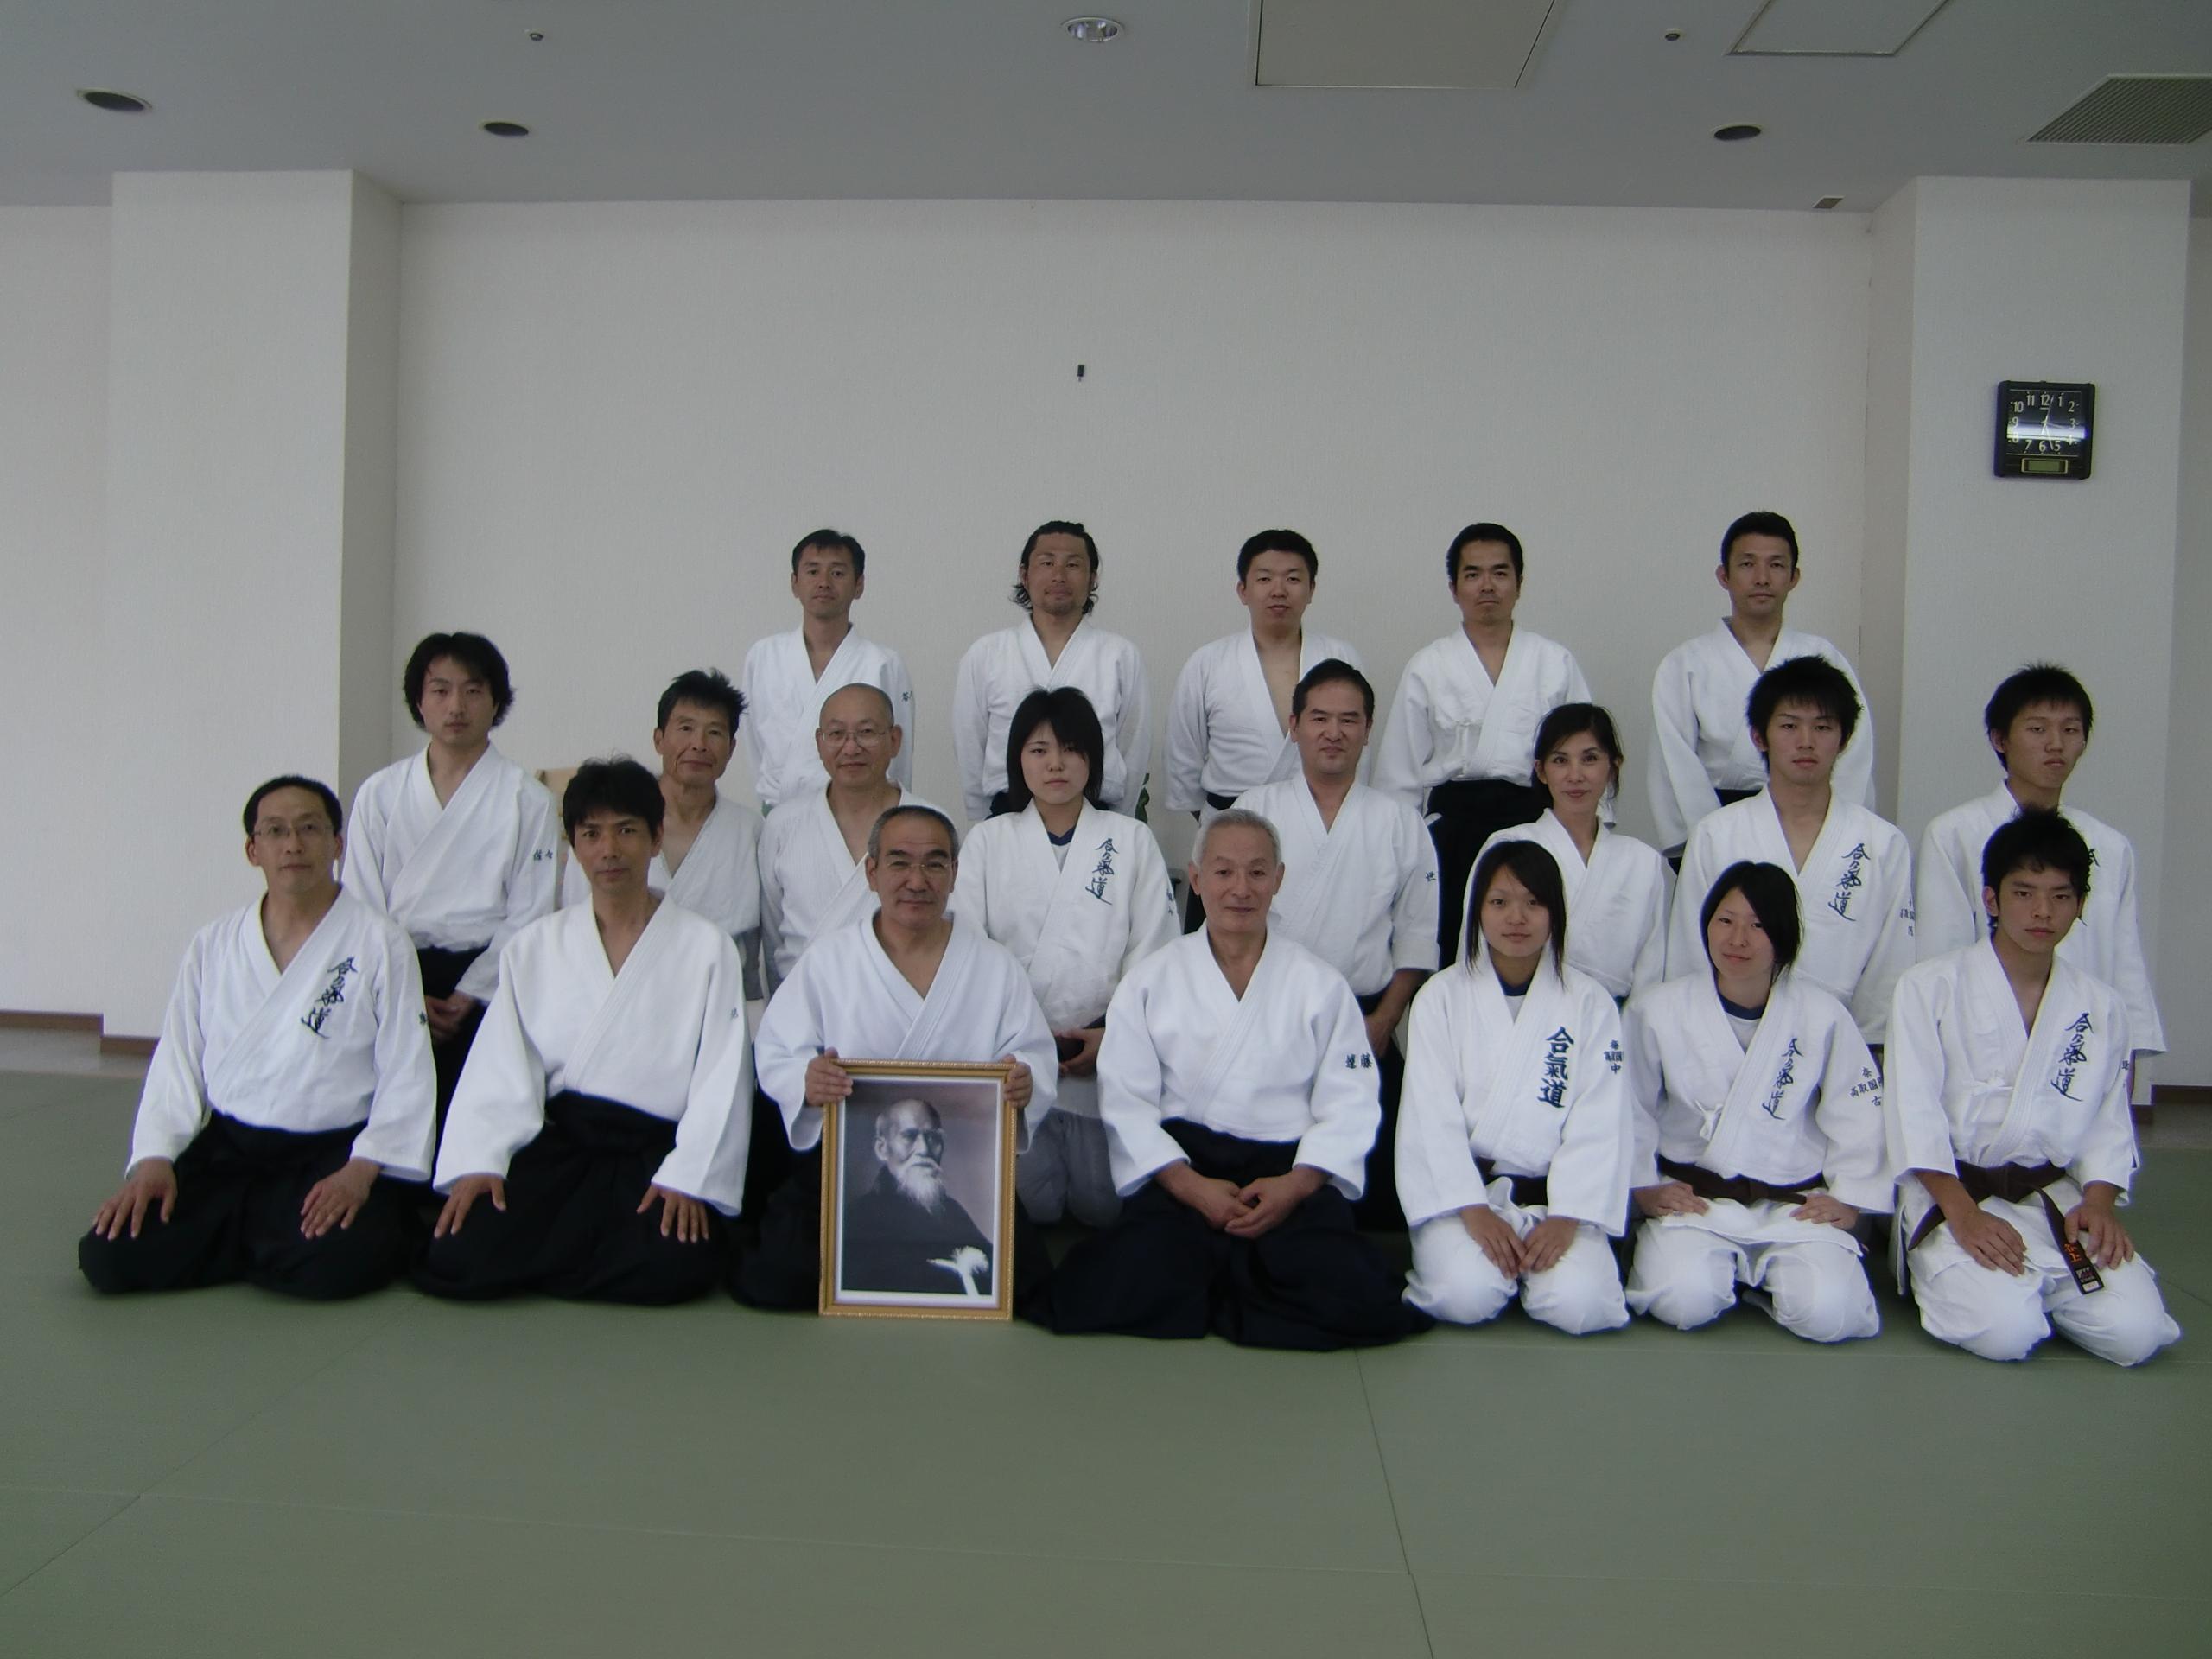 2010.7.26 八尾南道場